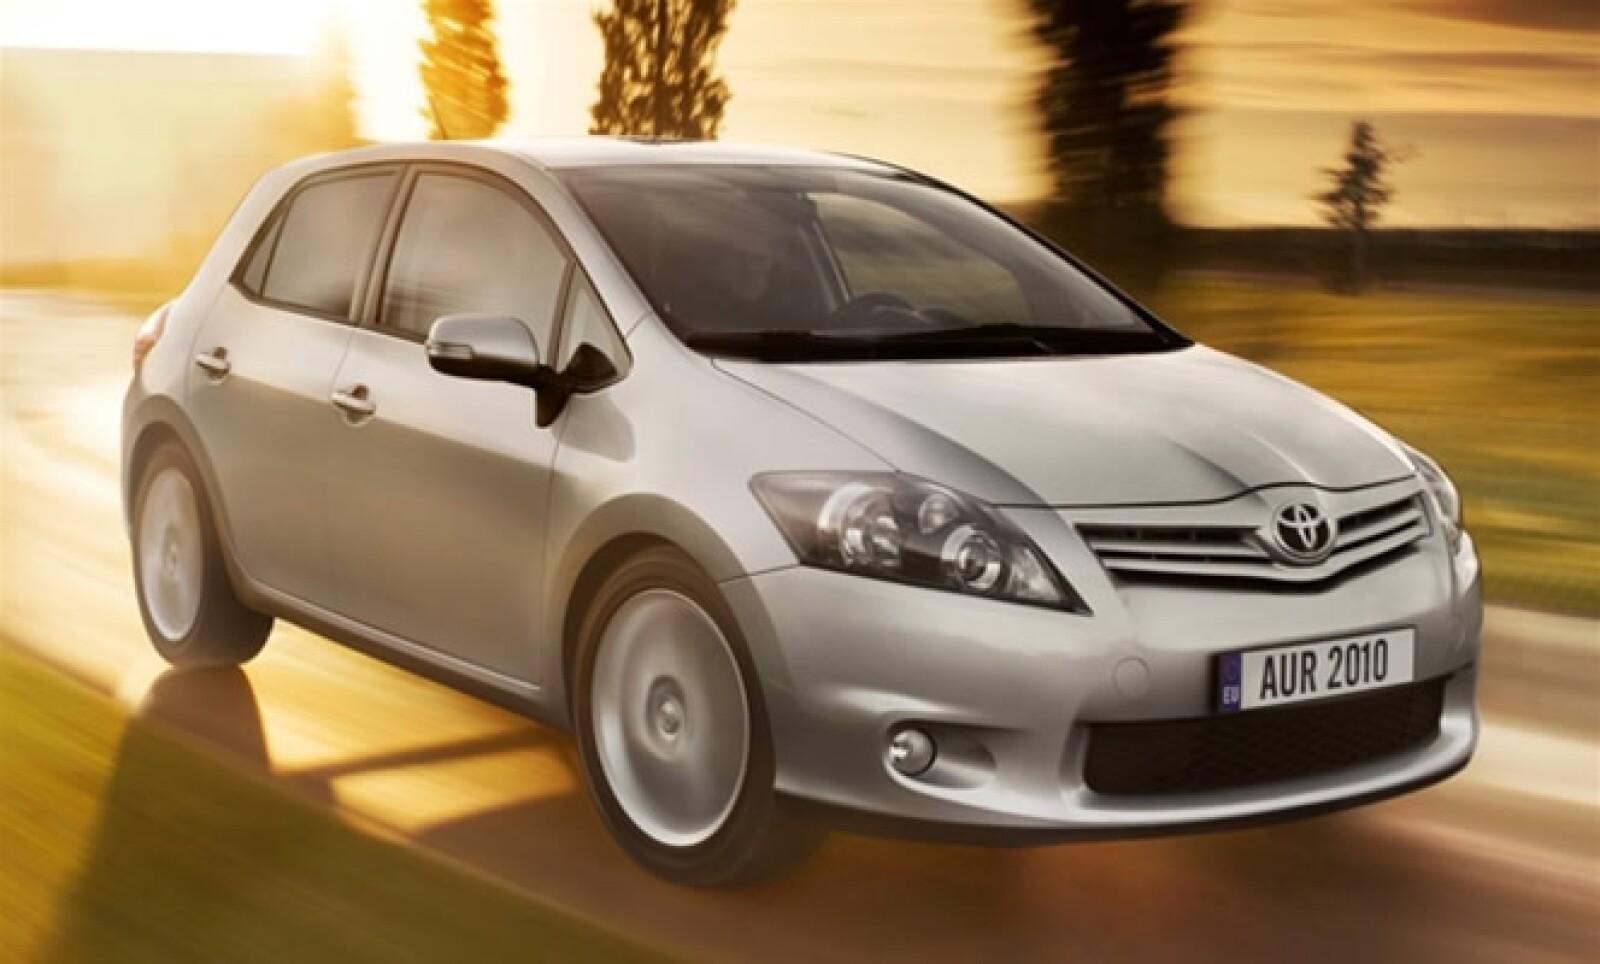 Este modelo de serie, basa su desarrollo sobre en el Auris HSD Concept que se presentó en el Salón de Frankfurt de 2009. Ese prototipo aceleraba de 0 a 100 kilómetros por hora en aproximadamente diez segundos, y aún así ofrecía un ahorro de combustible en